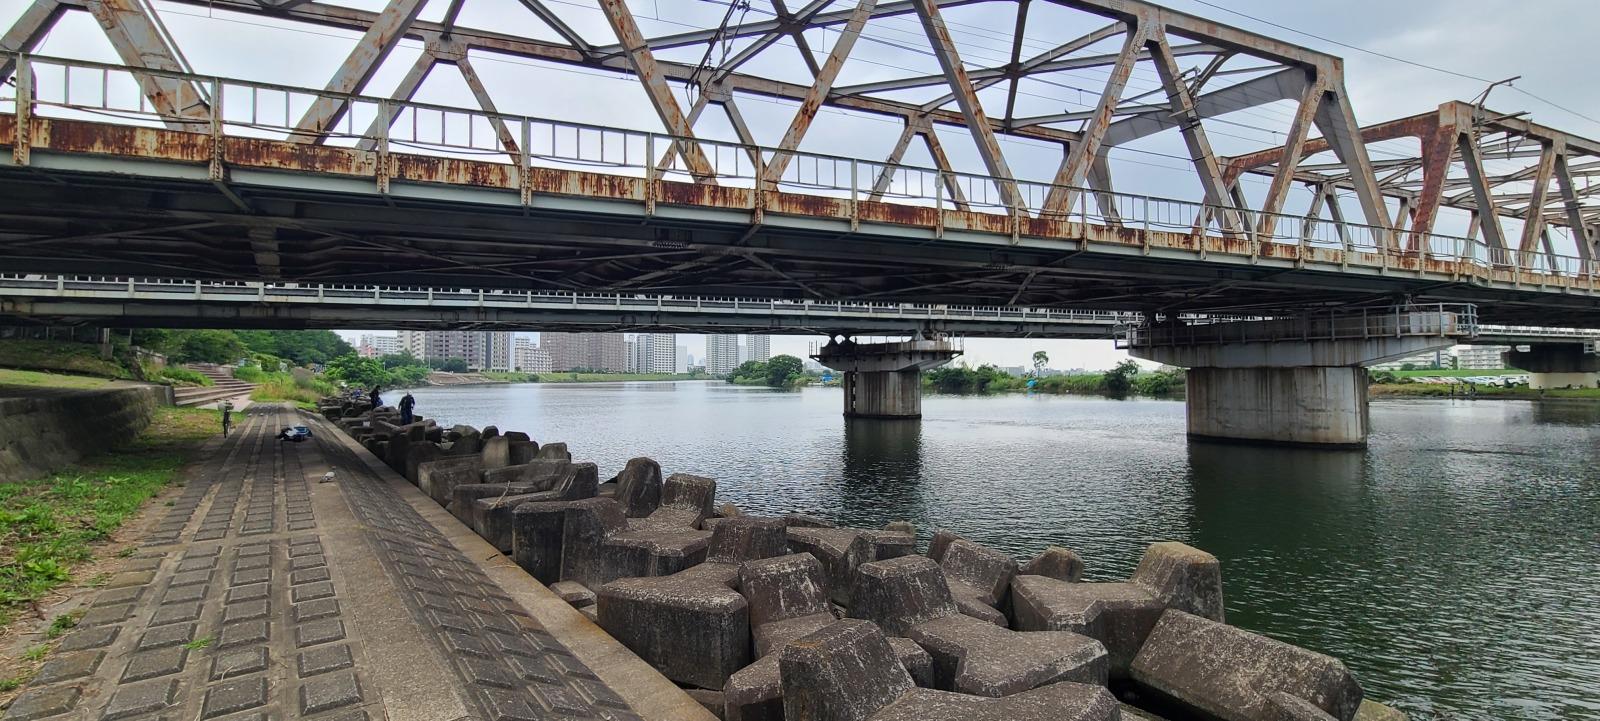 多摩川(神奈川県川崎市・六郷周辺)